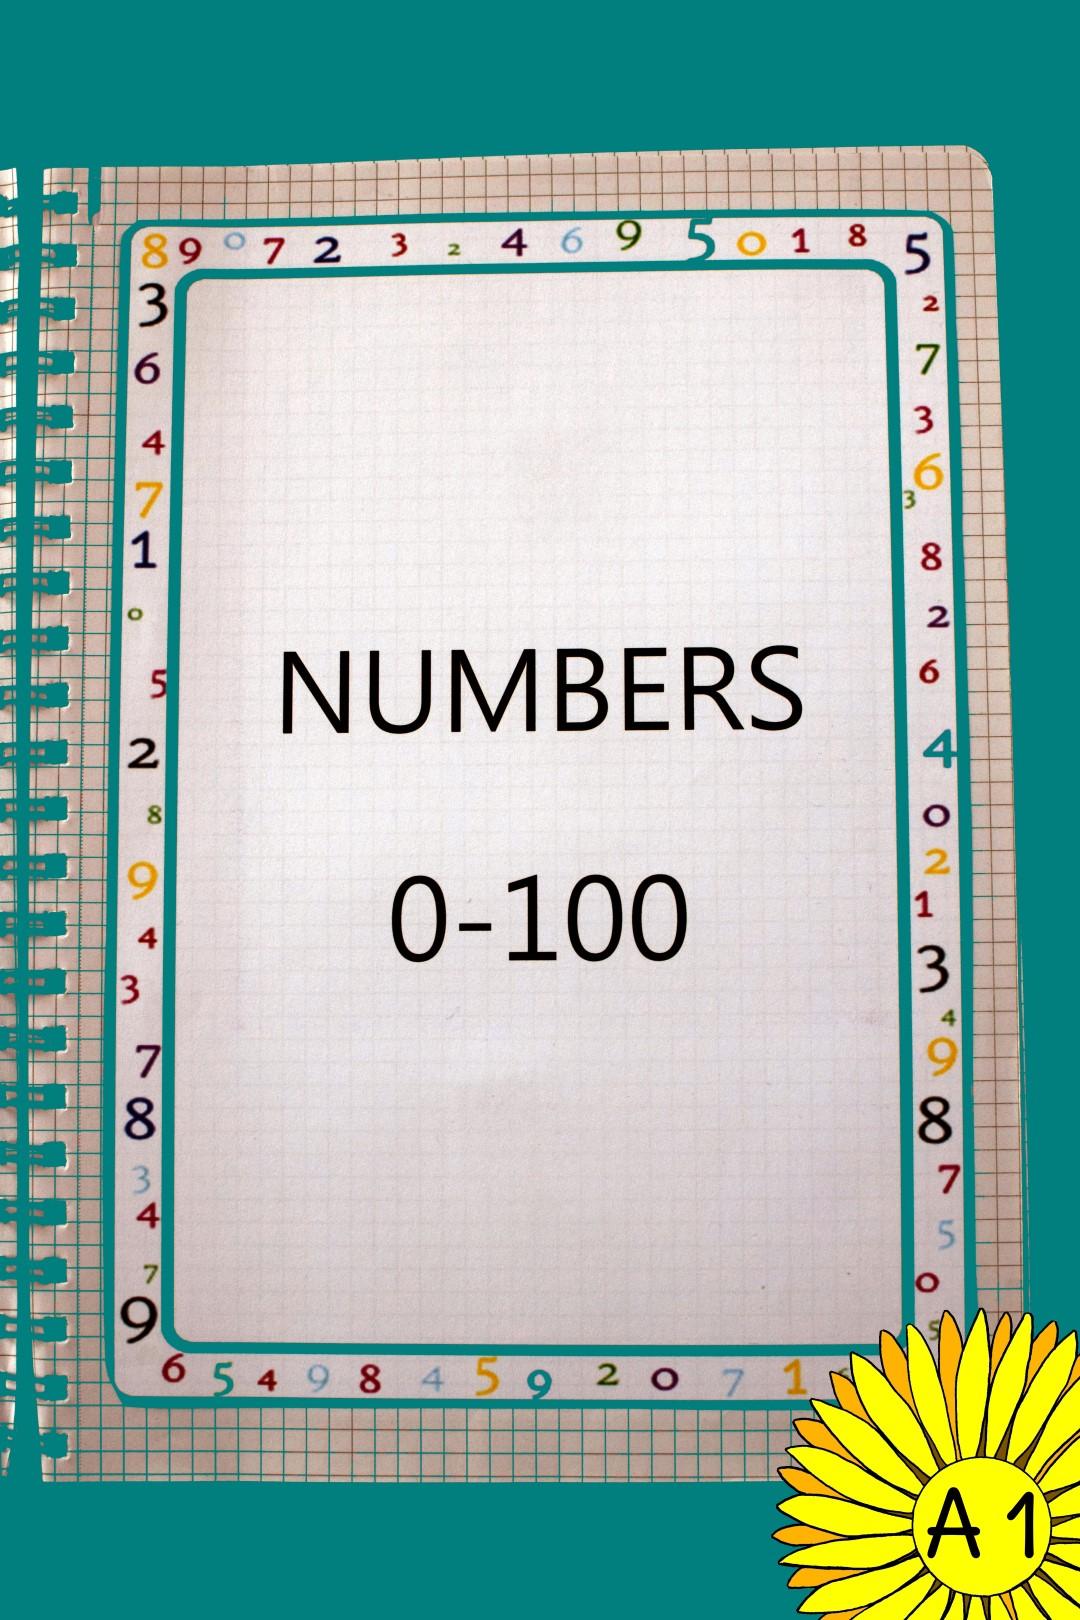 Penulisan Angka Dalam Bahasa Inggris 1 Sampai 100 : penulisan, angka, dalam, bahasa, inggris, sampai, Bilangan, Dalam, Rencana, Pelajaran, Bahasa, Inggris, Aster